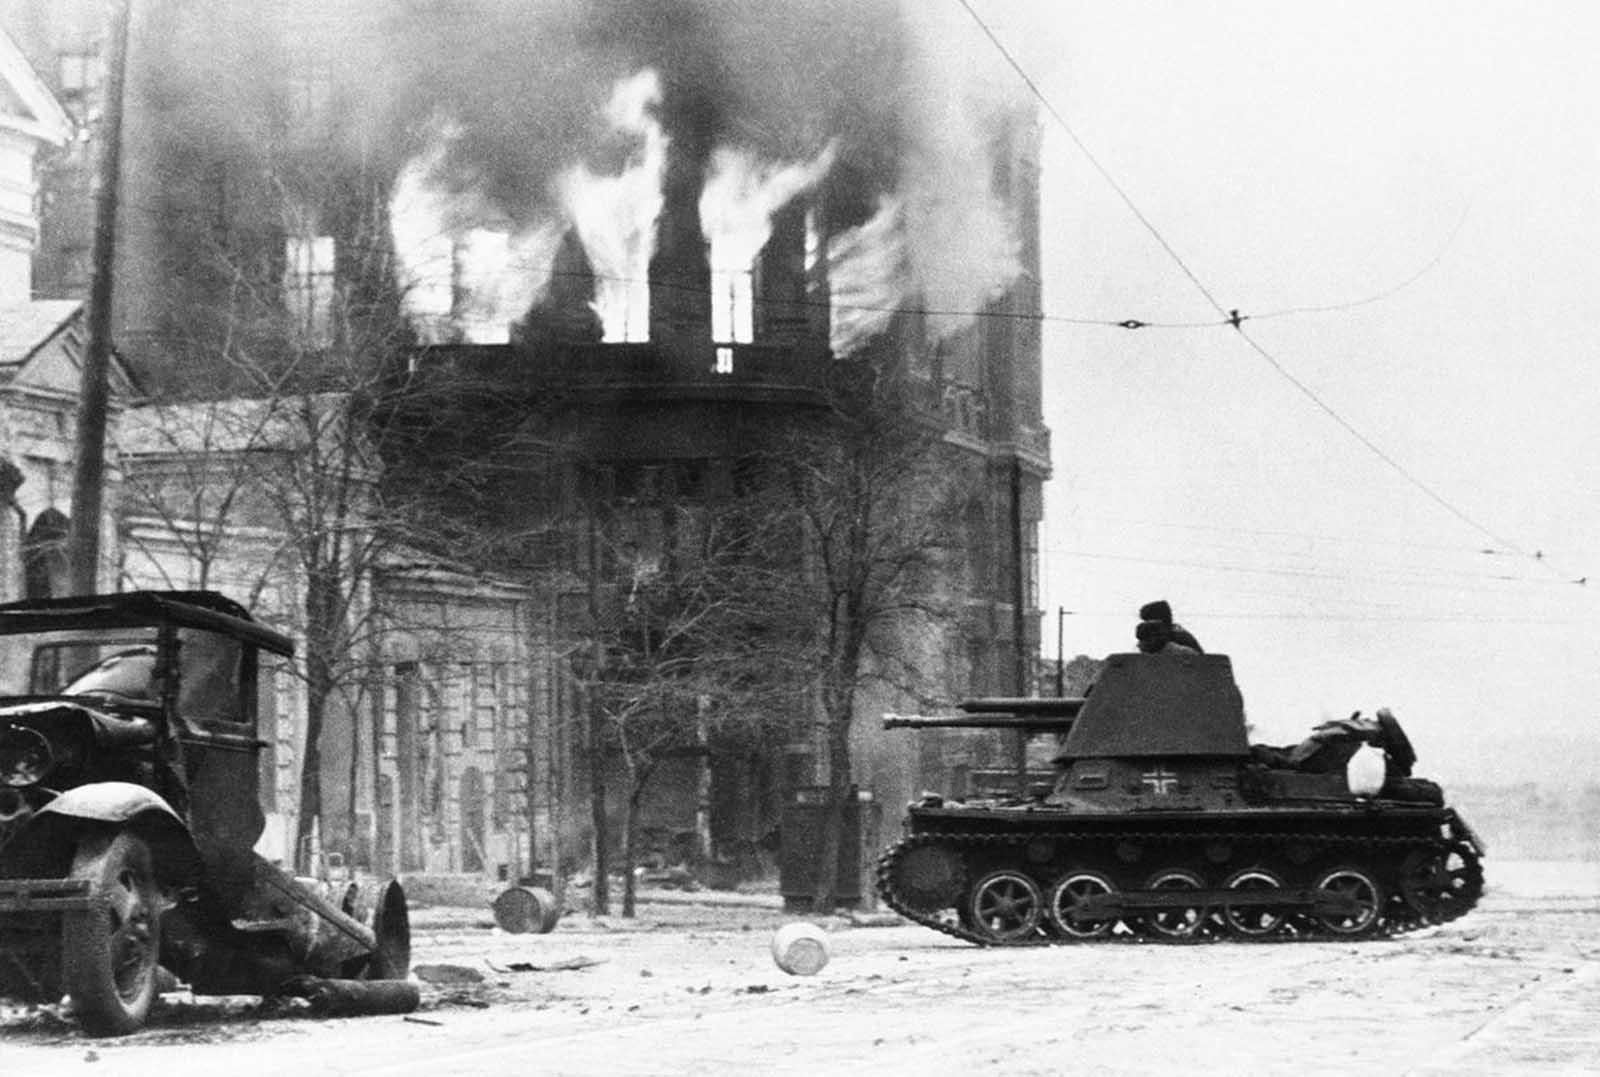 إحدى الدبابات الألمانية قرب روستوف